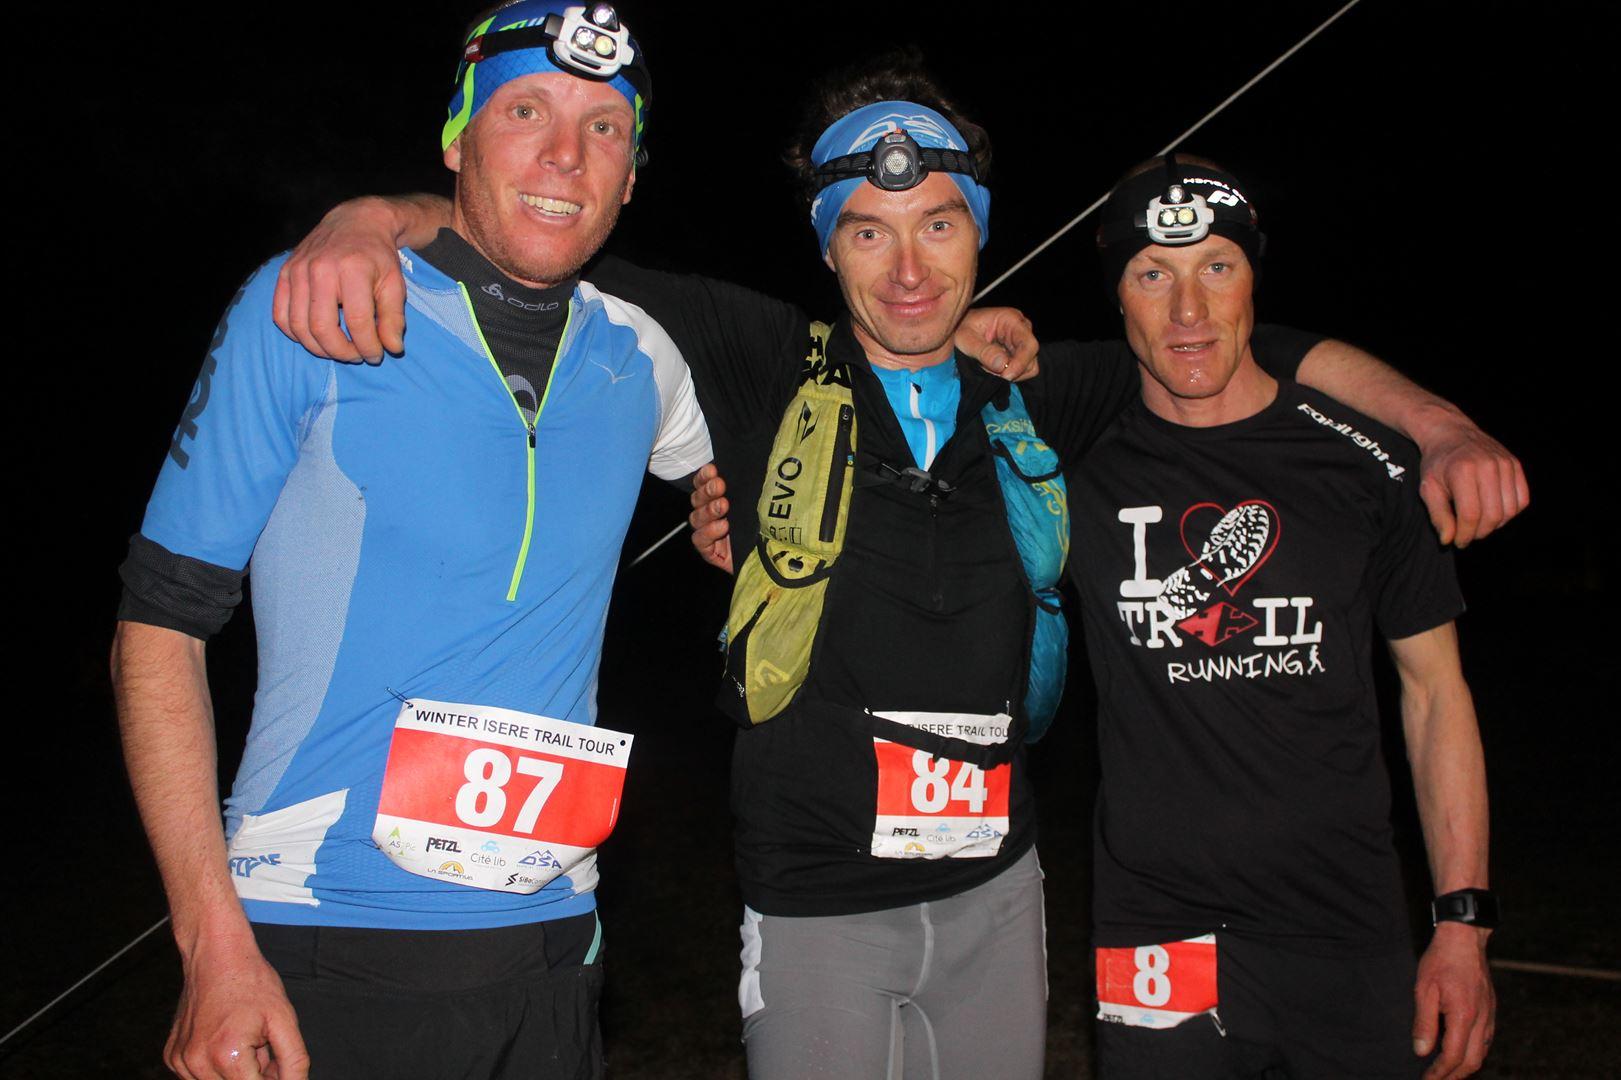 Podium hommes 16km - RESULTATS ET COMMENTAIRES DU TRAIL DU SAPPEY EN CHARTREUSE (38) -18-02-2017